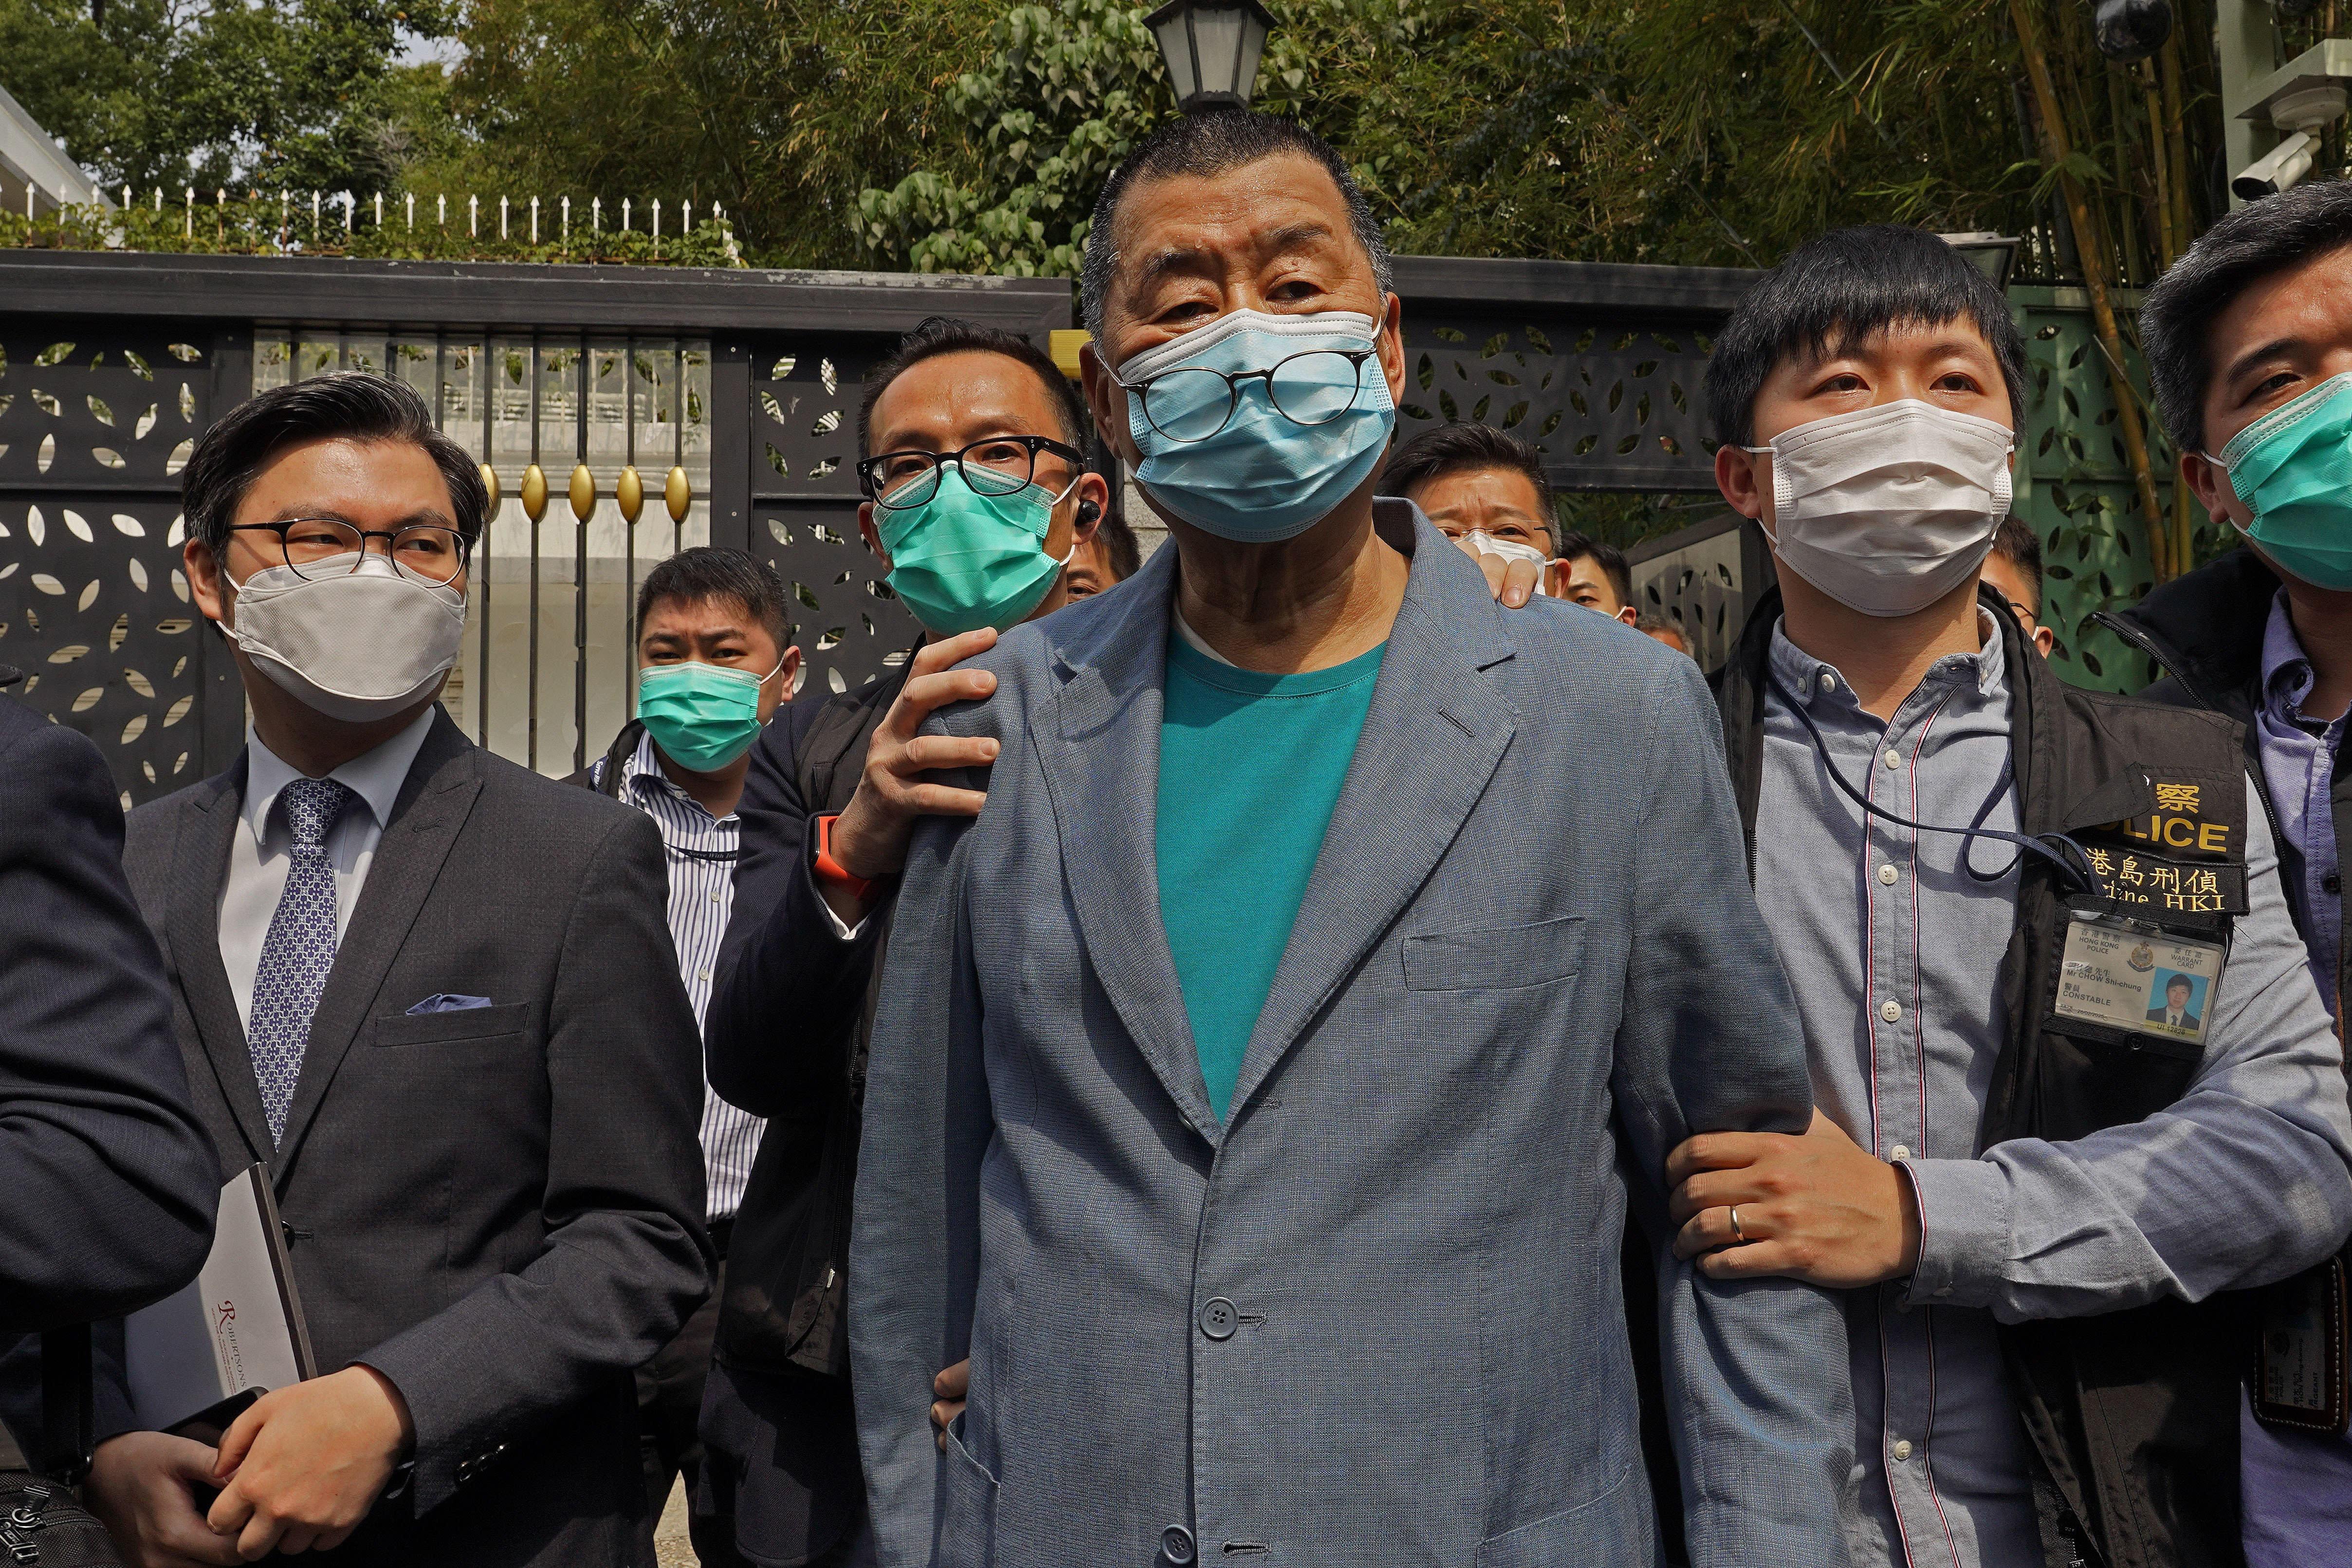 U.S., U.K. condemn Hong Kong arrests of democracy advocates